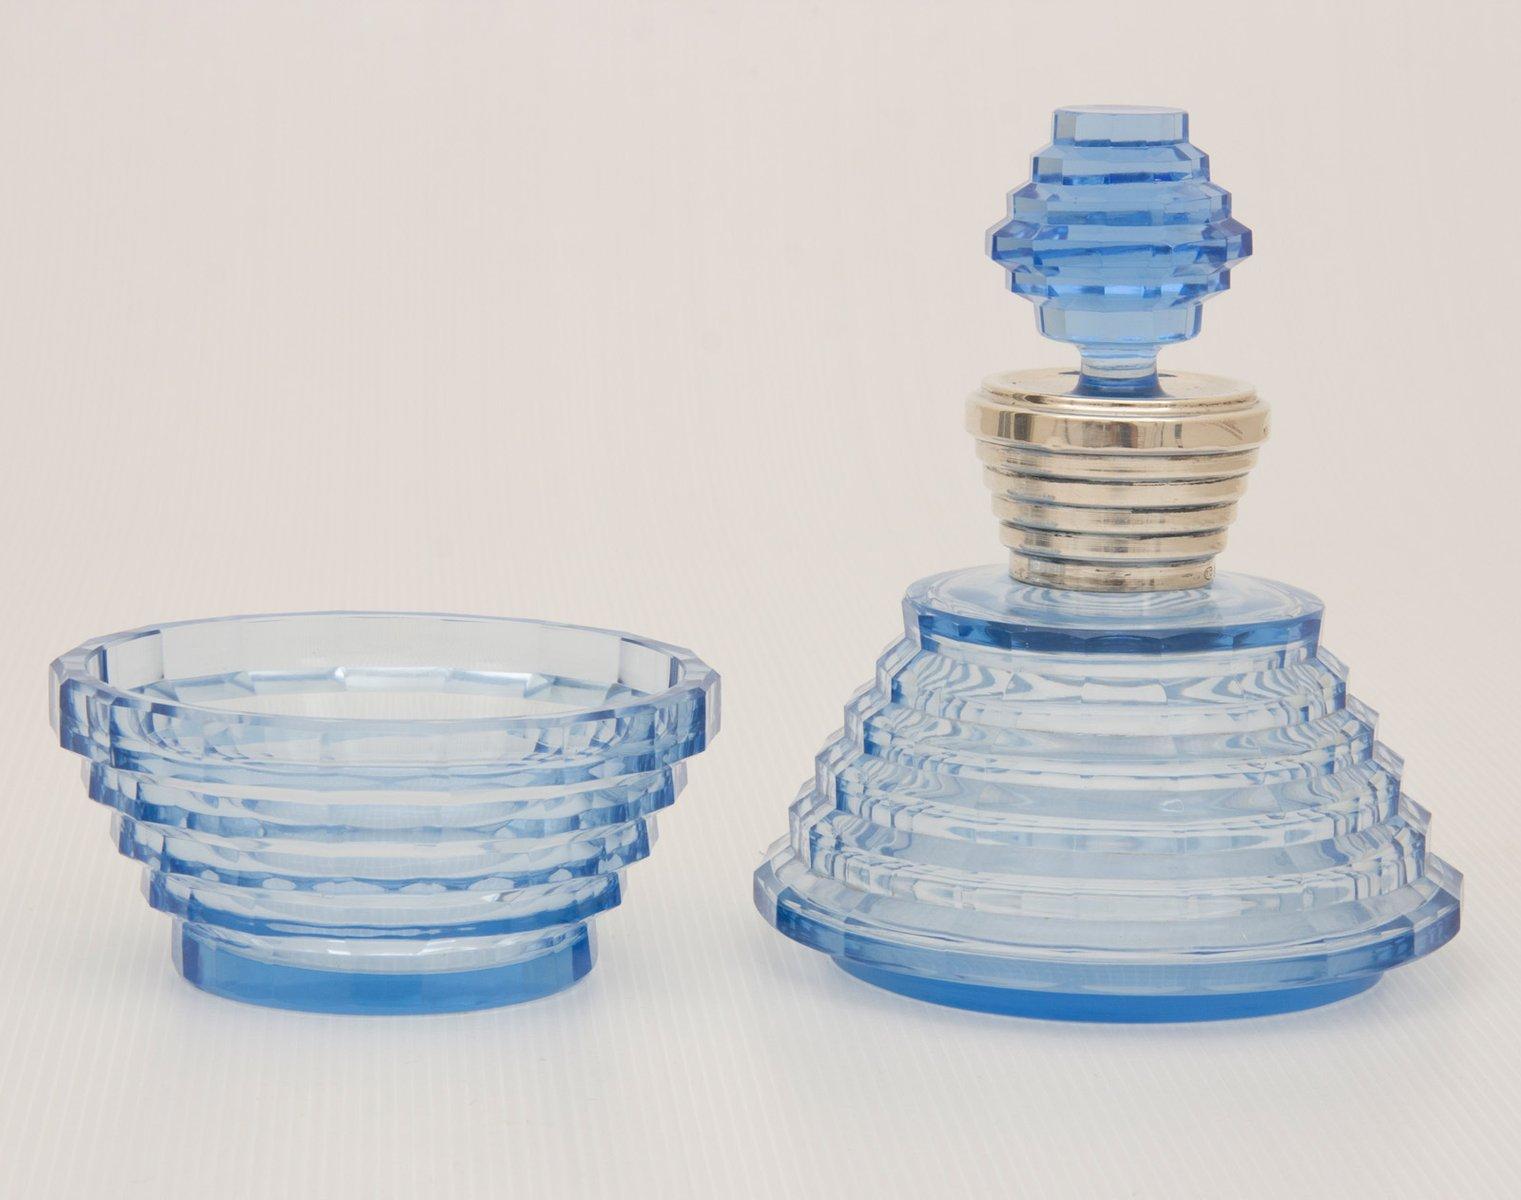 bouteille parfum coupe poudr e bleue art d co en verre taill par fran ois koozi 1930s en. Black Bedroom Furniture Sets. Home Design Ideas